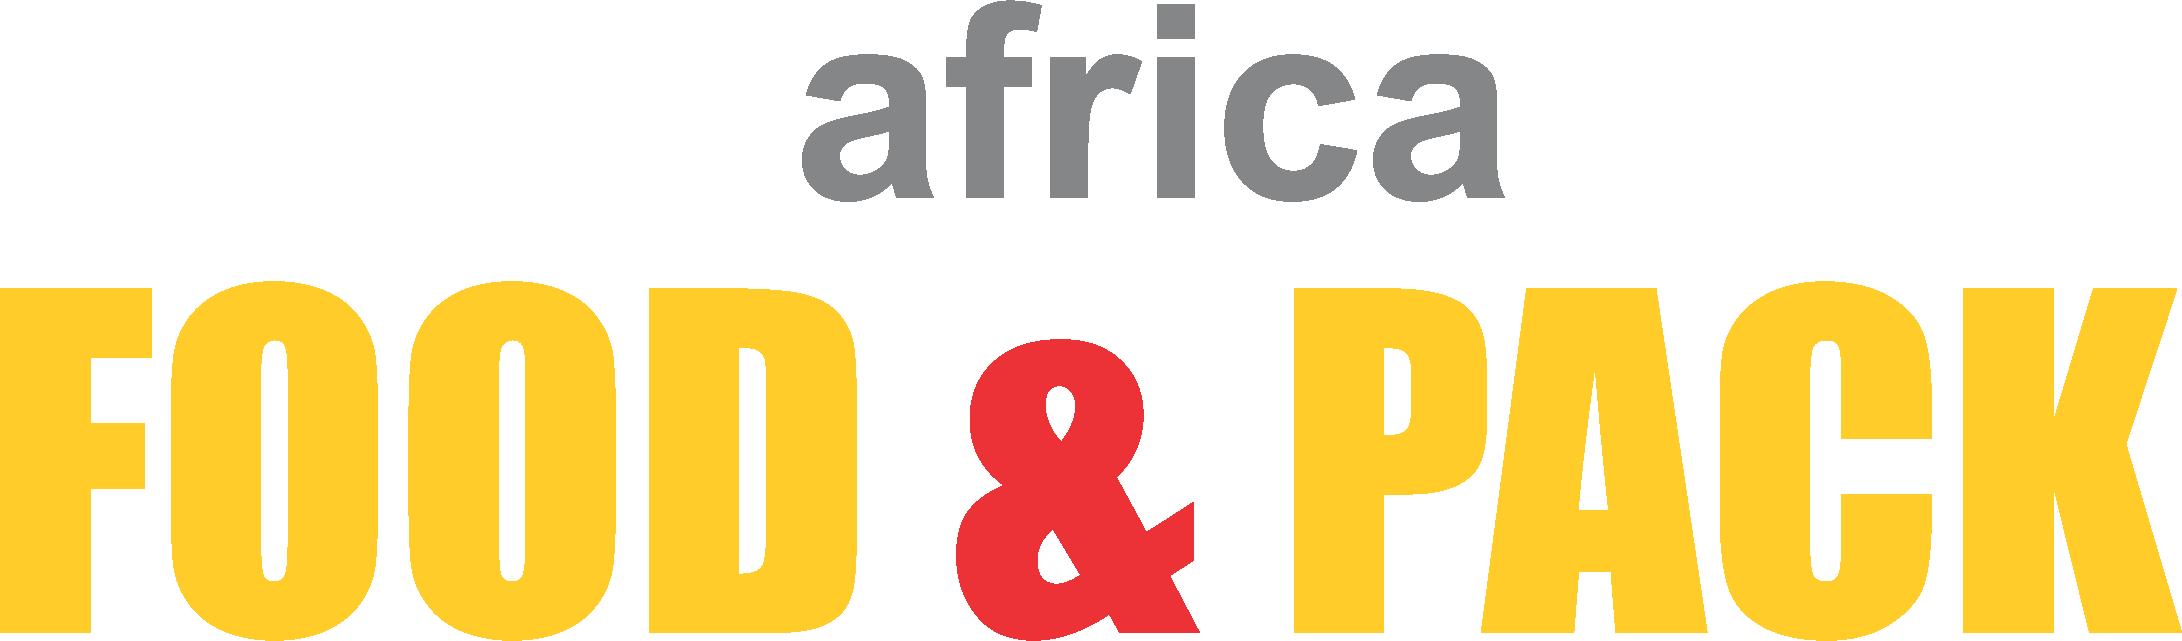 foodpack logo